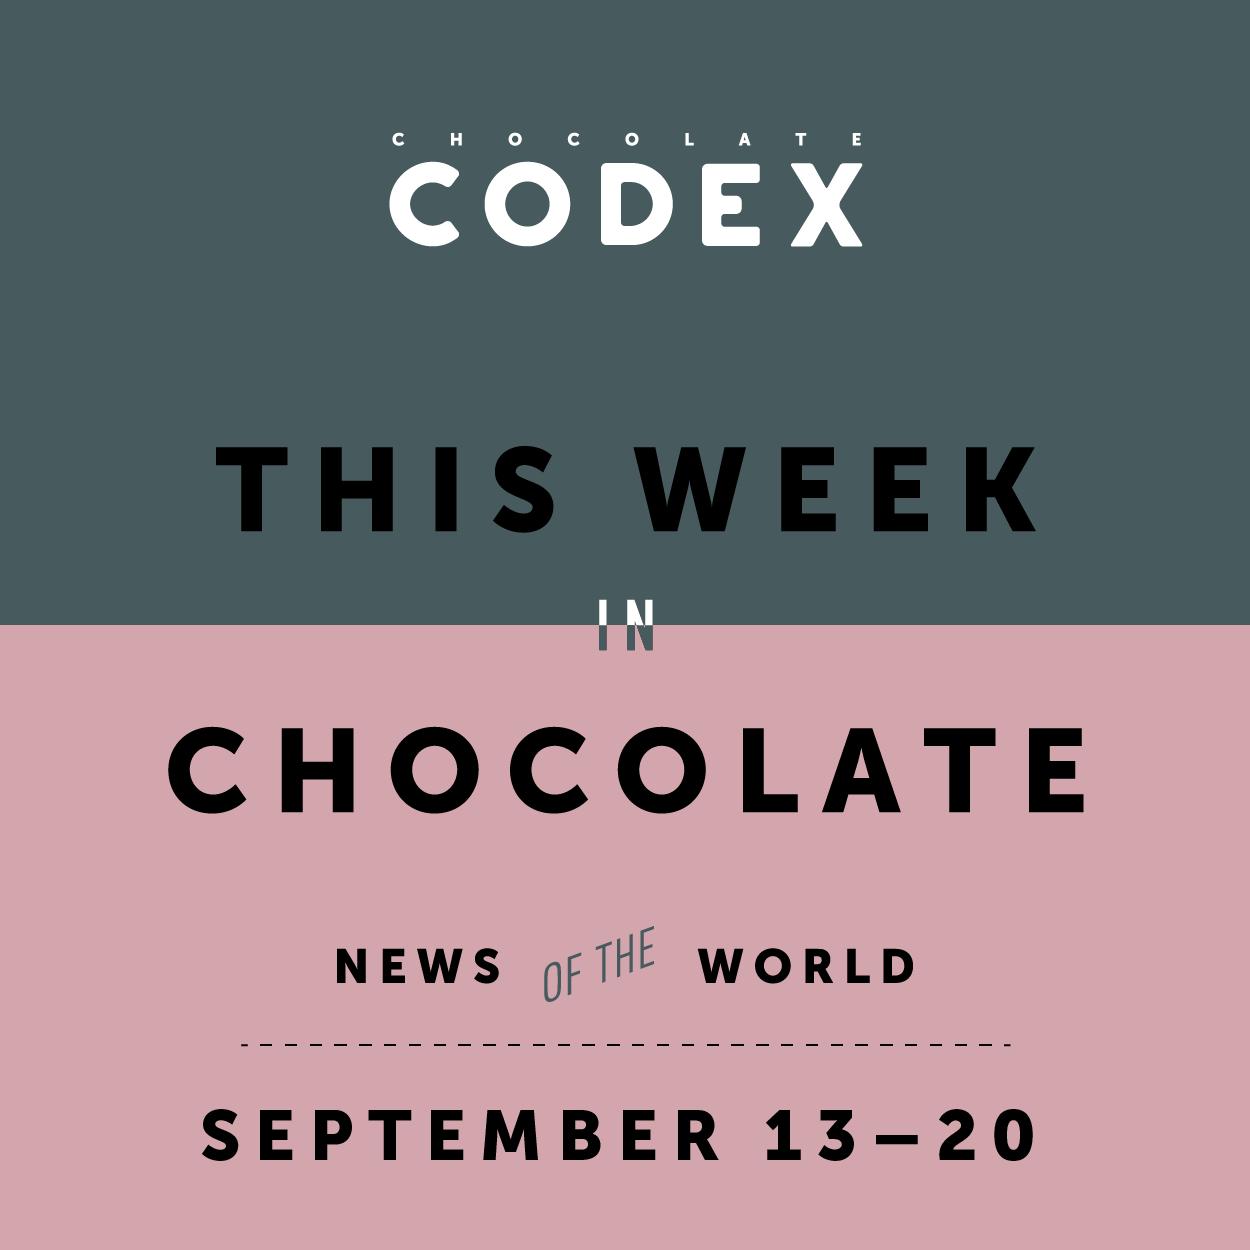 ChocolateCodex_ThisWeek_Chocolate_News_Week38-01